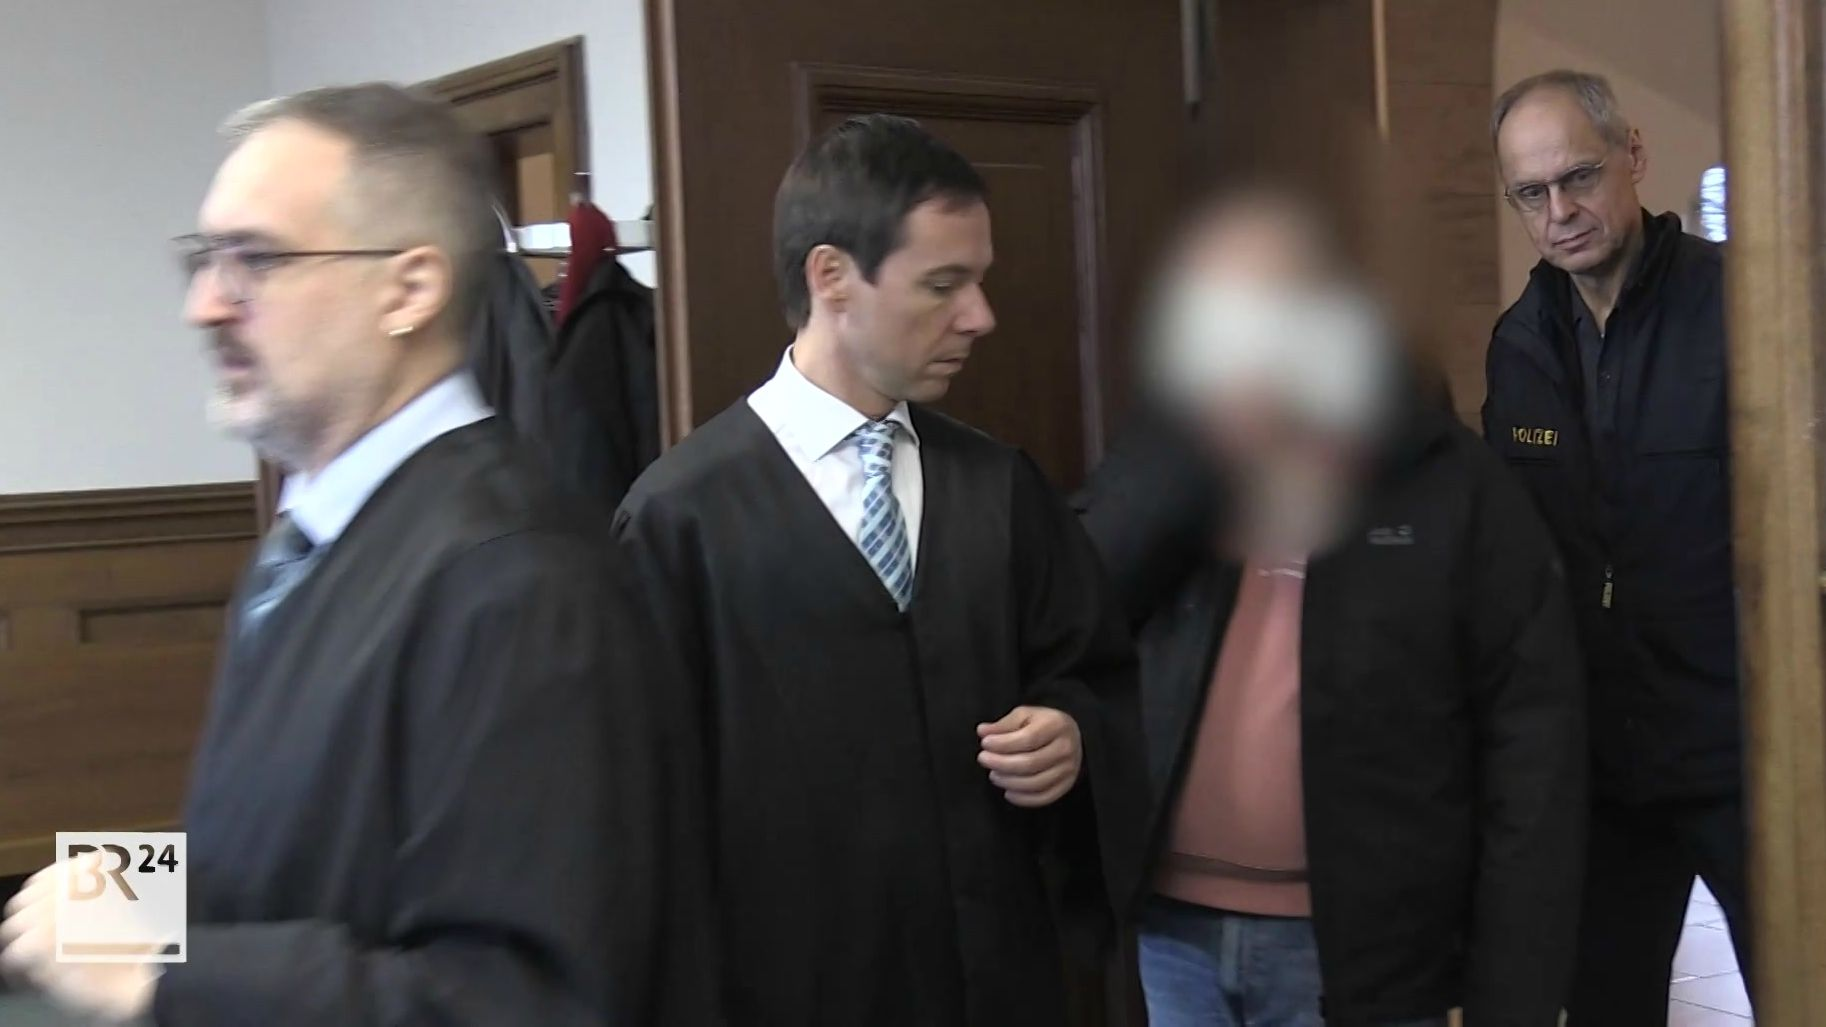 Der 26-jährige mutmaßliche Messerangreifer vor dem Landgericht Nürnberg-Fürth.